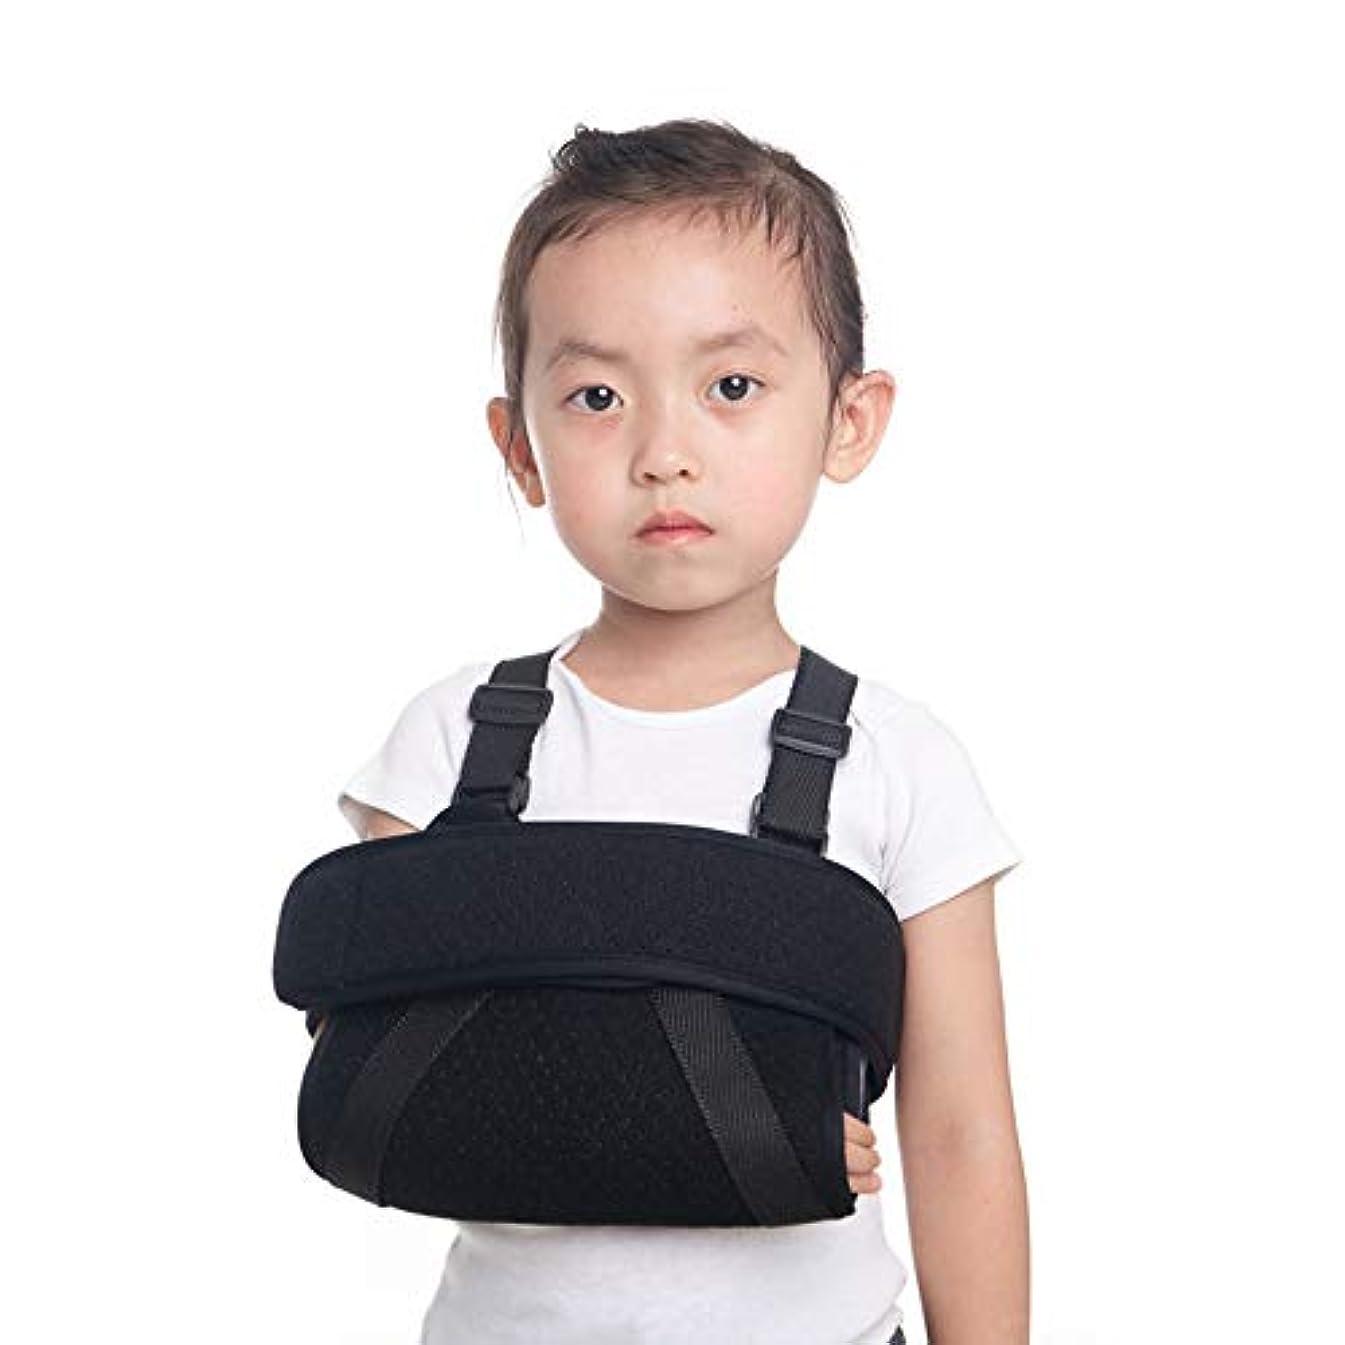 激怒診療所オーケストラキッズフラクチャリングスリング、アームエルボーフラクチャ固定ブレース、6-10歳の子供の 手首脱臼保護サポート